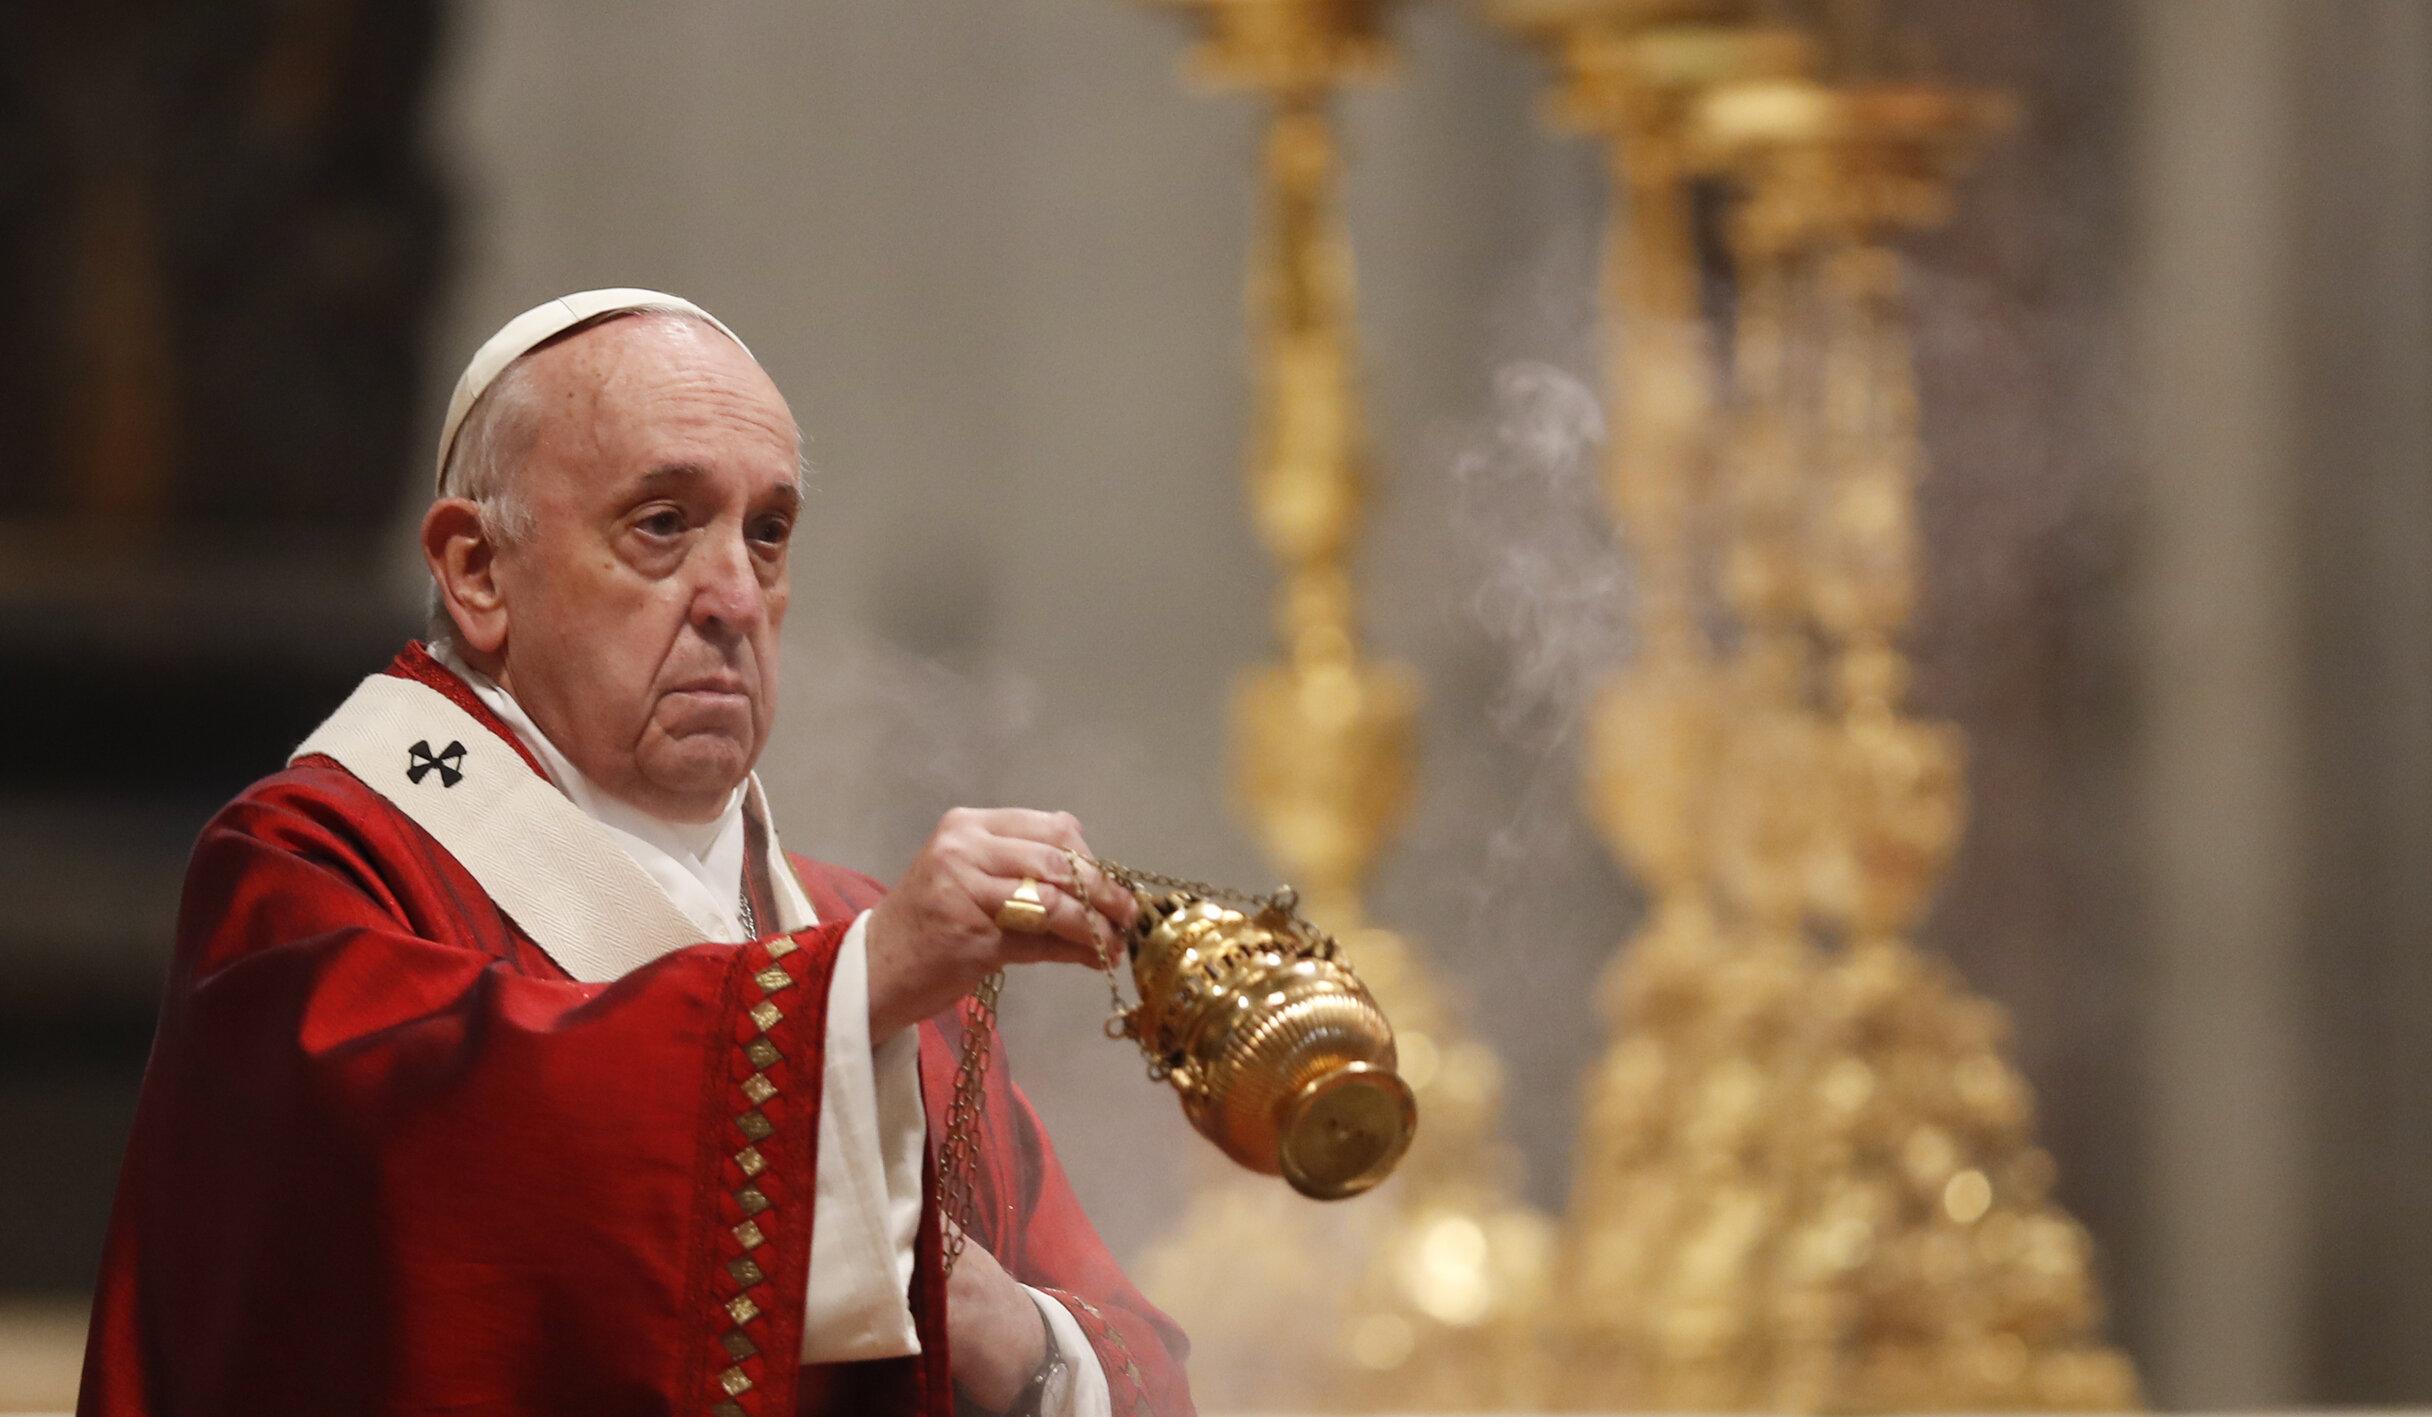 Papa Francisc trimite 15.000 de înghețate deținuților din Roma